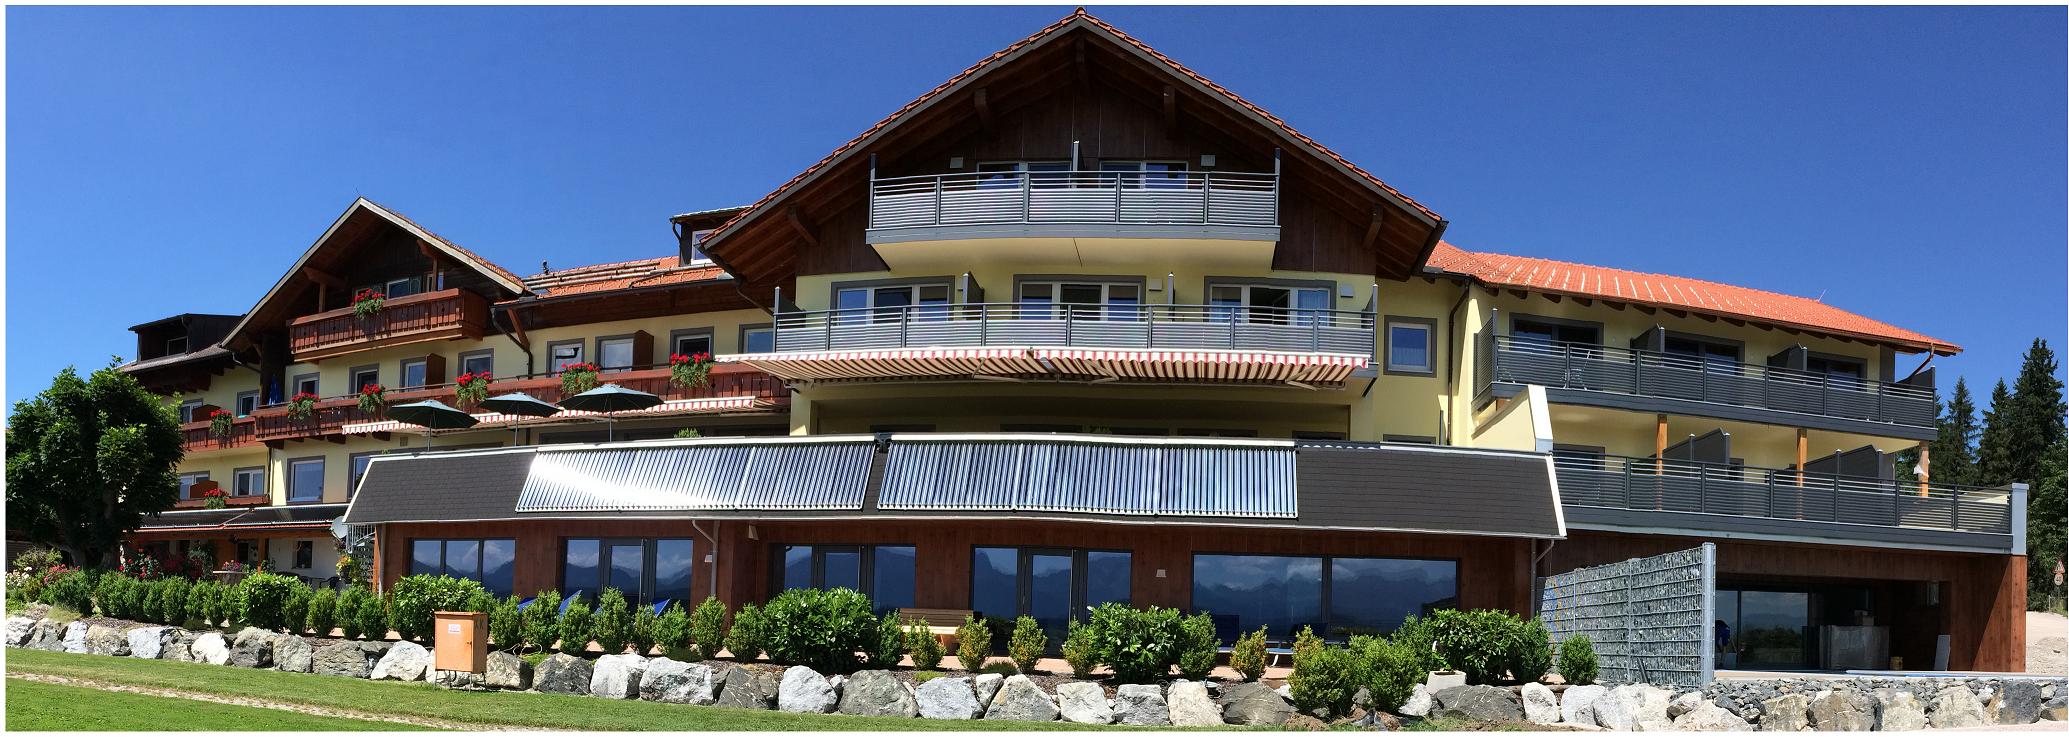 Solarthermie-Anlage Land- und Wellnesshotel Wanner Allgäu, Handwerker des Monats 12_2017 Siegfried Müller Seeg